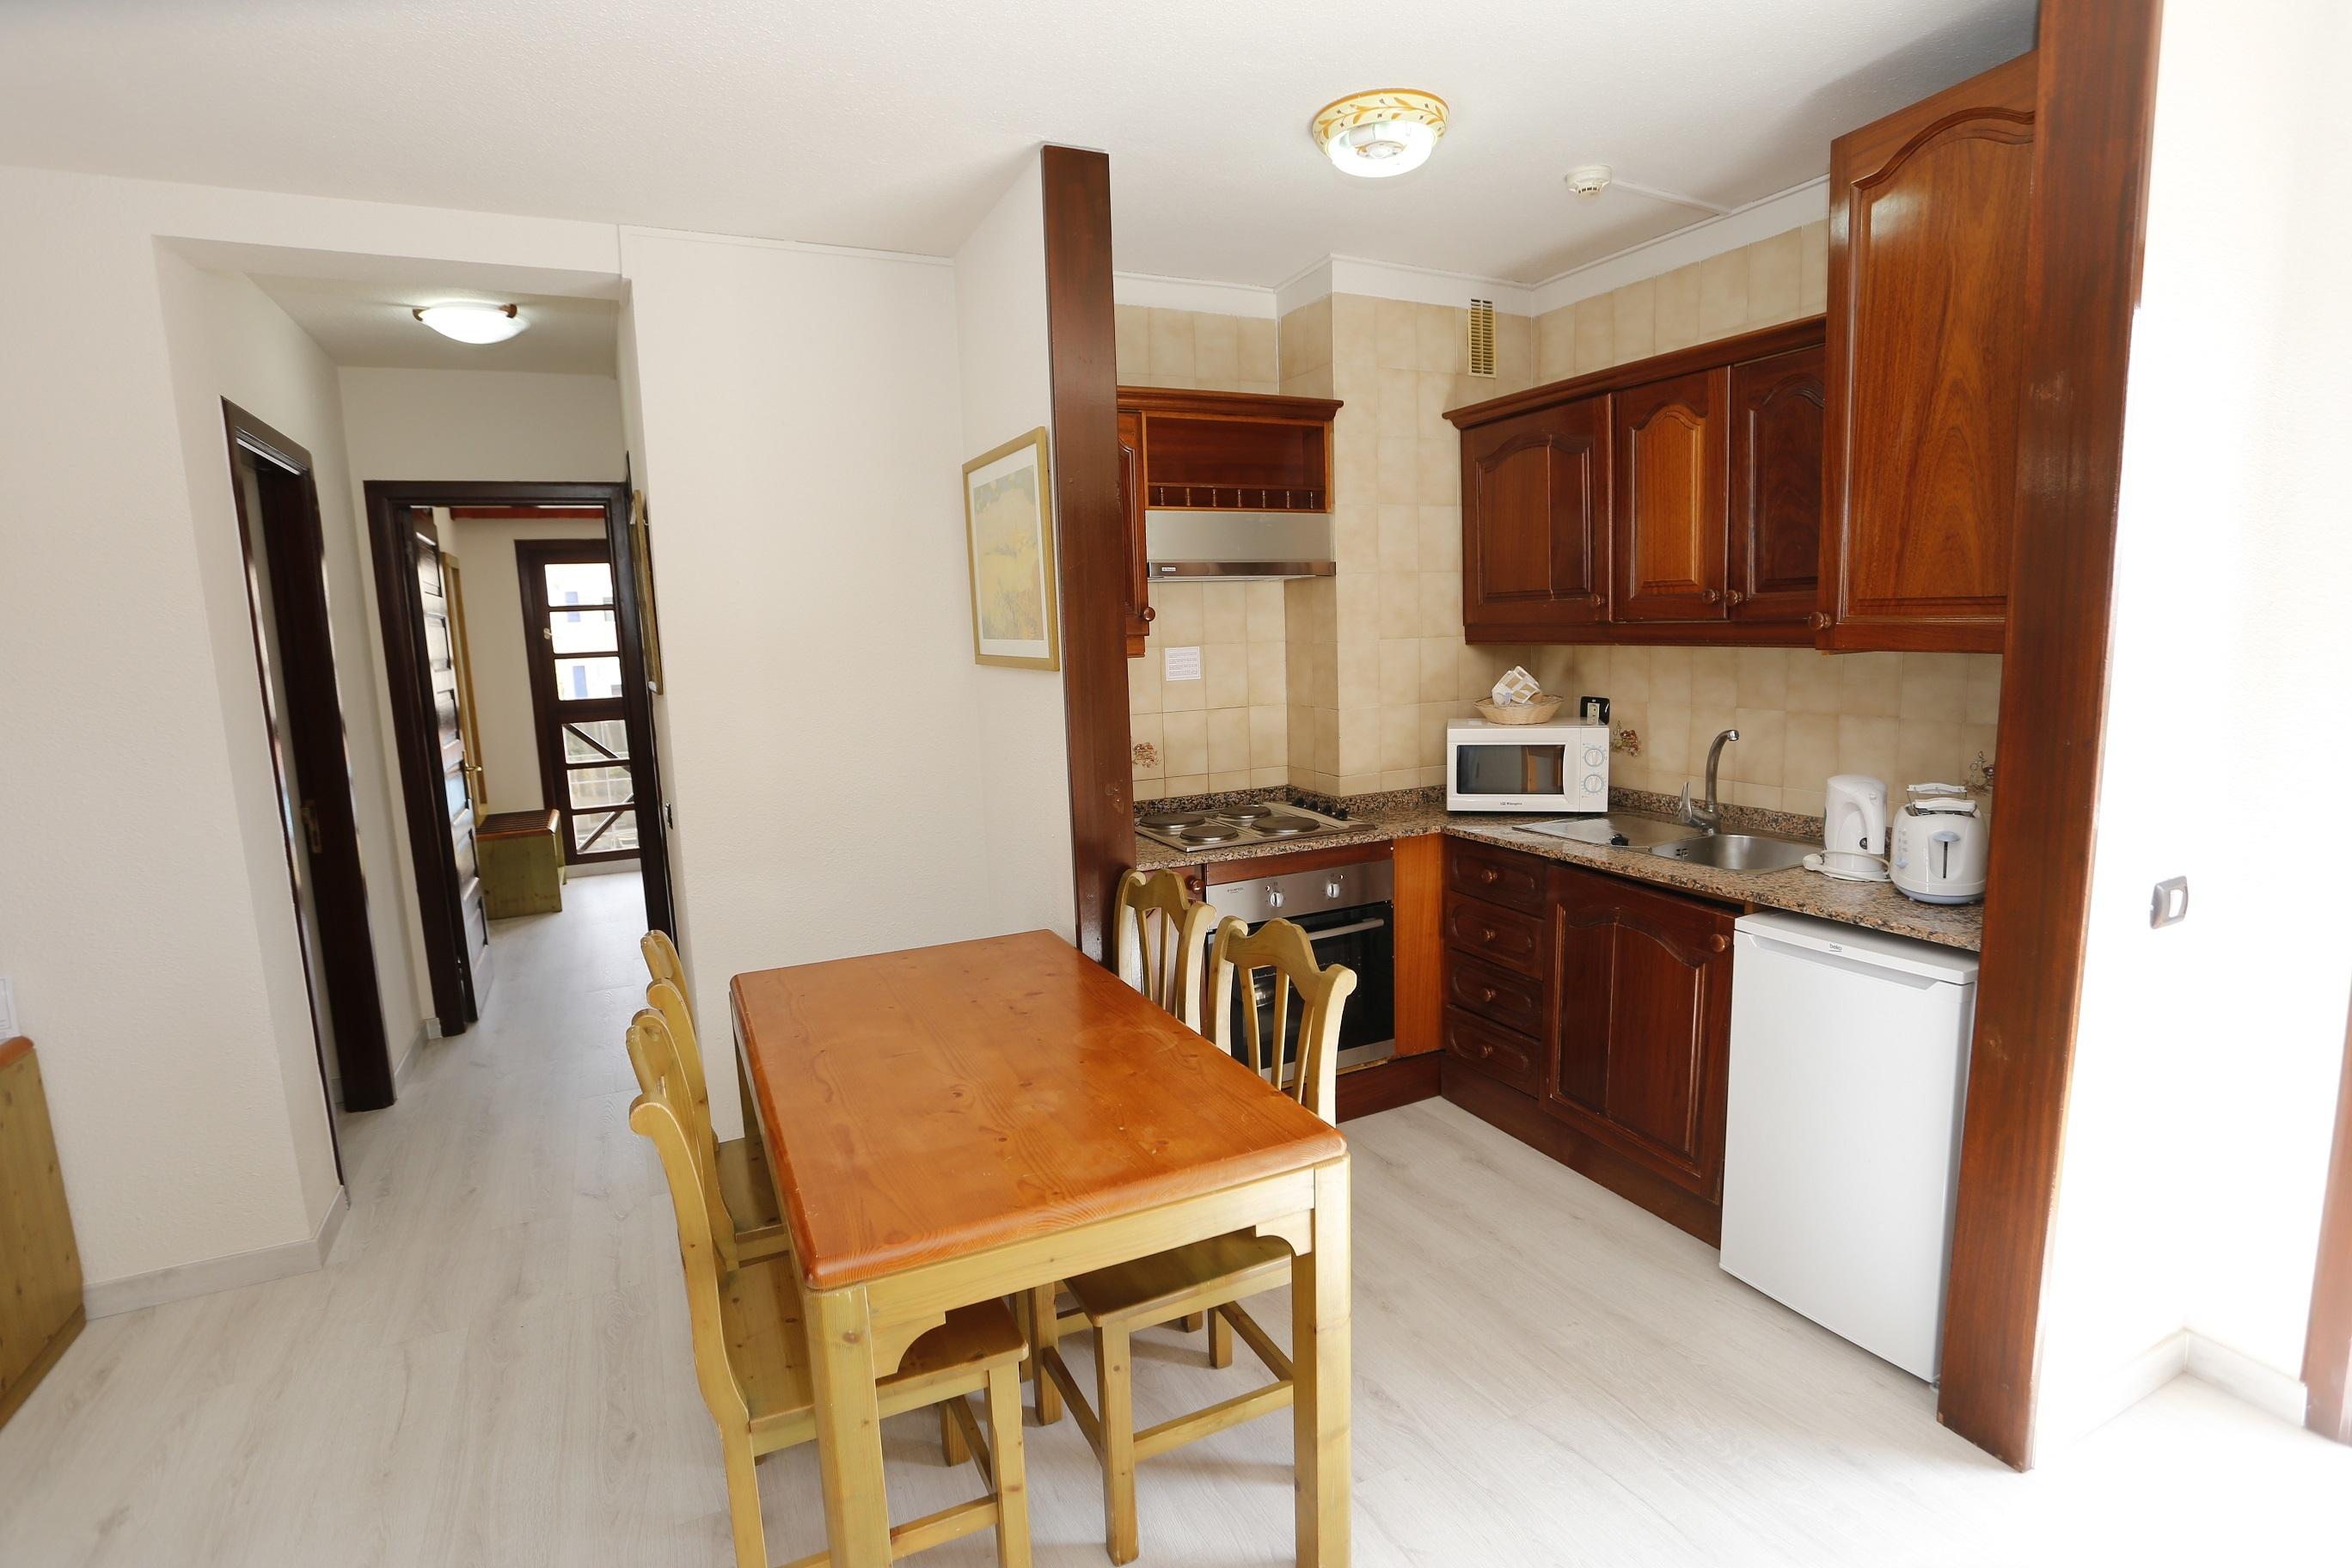 Apartment (2 rooms)